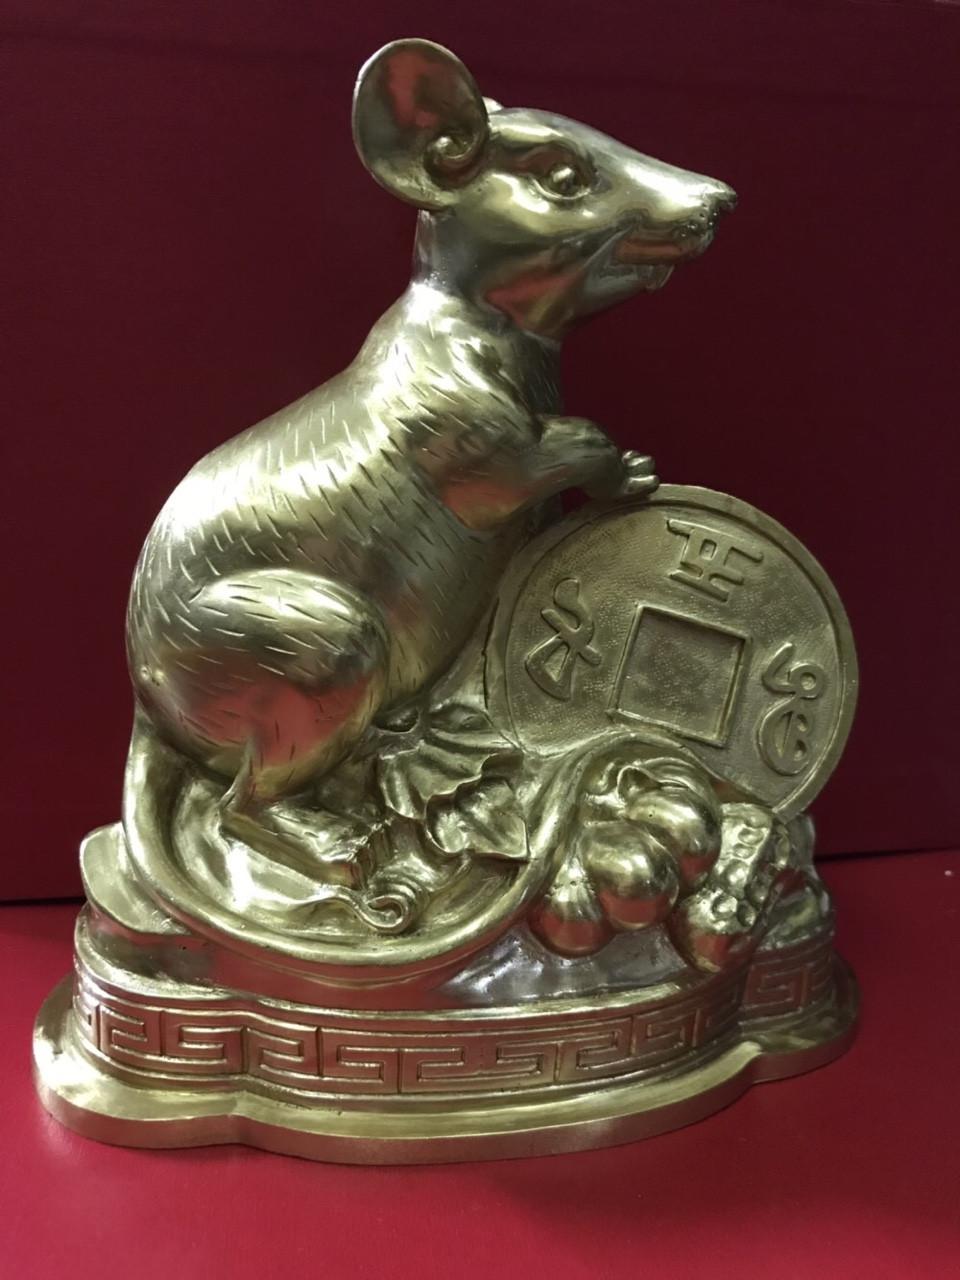 Tượng chuột bằng đồng, tượng linh vật  phong thủy cho người tuổi Tí